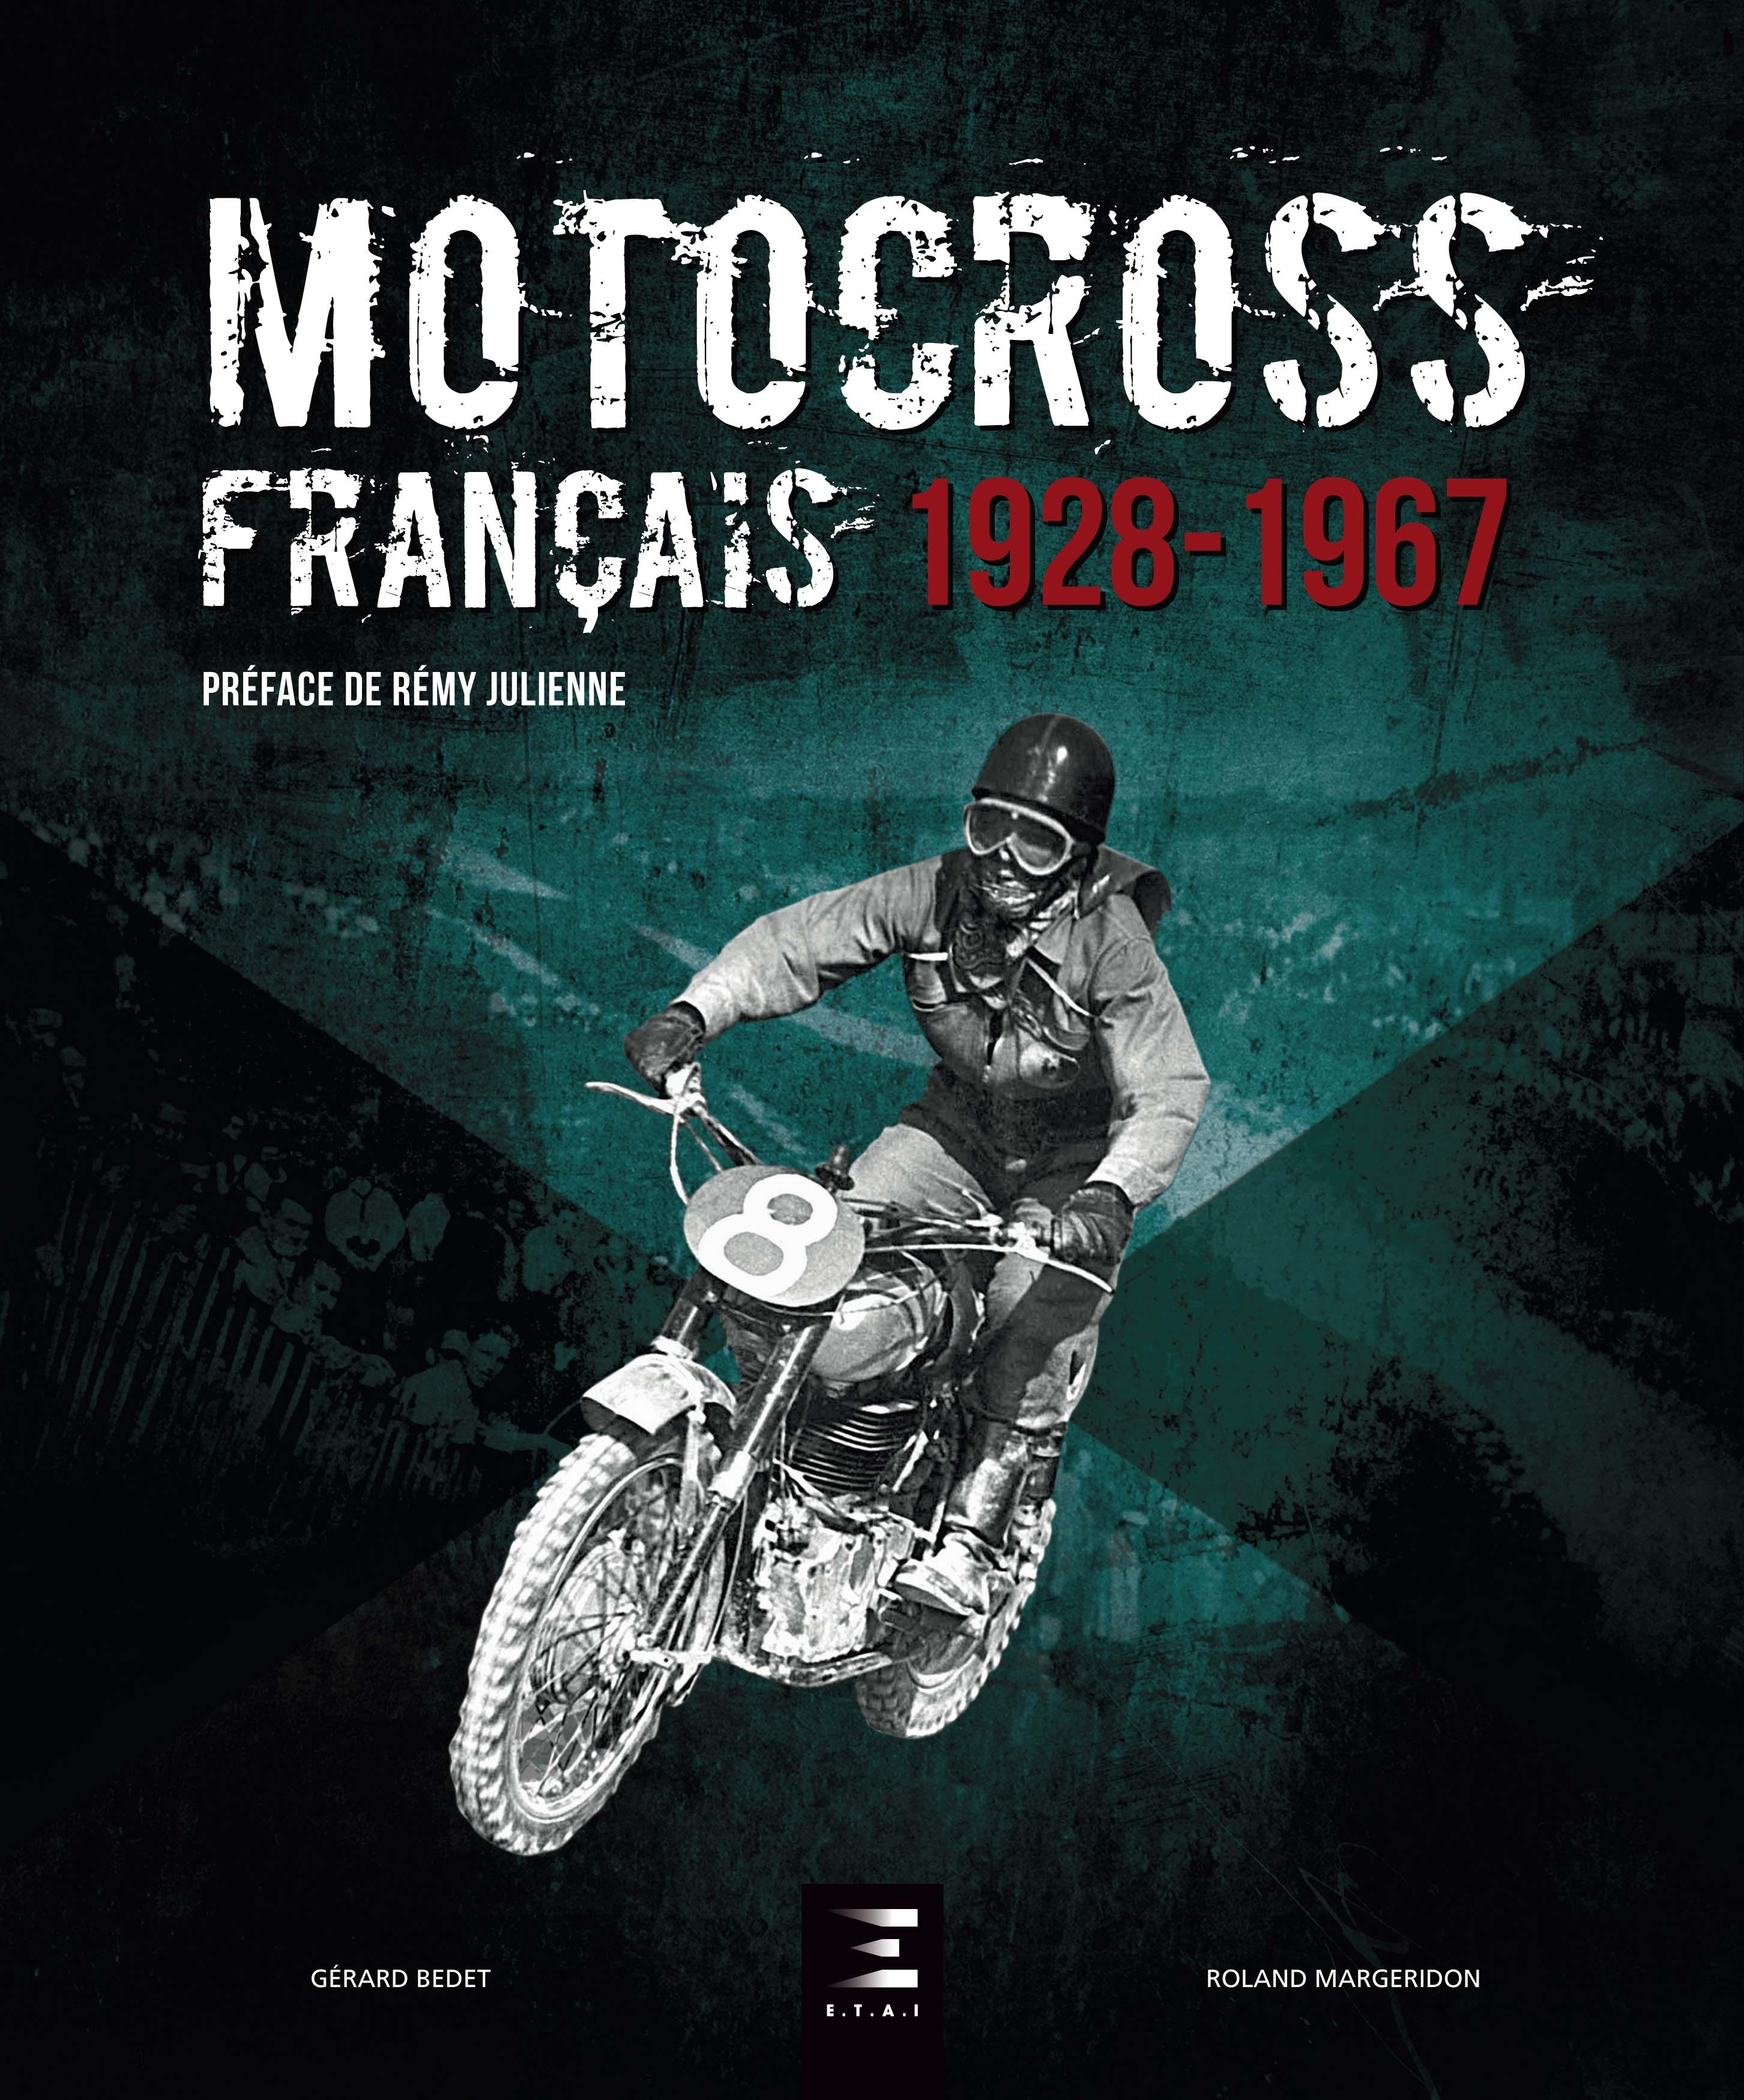 idée cadeau livre Idée cadeau, livre: Motocross français 1928 1967 idée cadeau livre